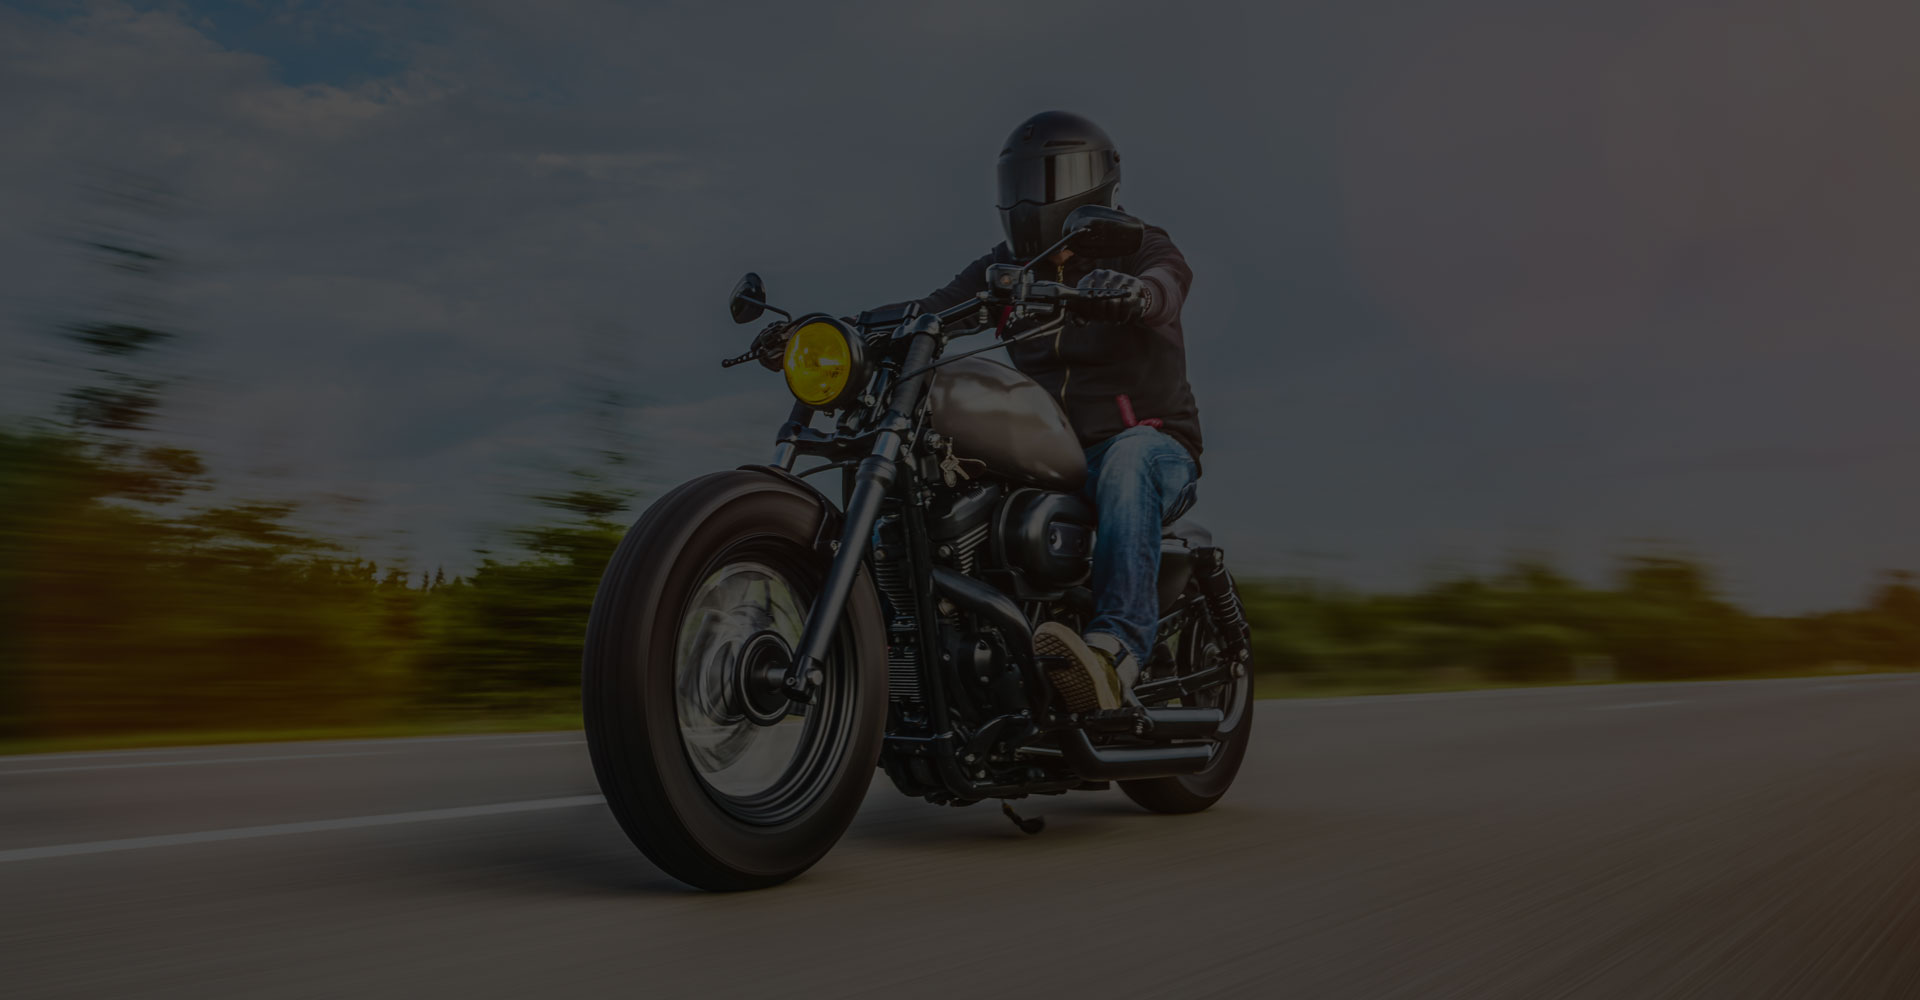 Las motos más populares de la actualidad